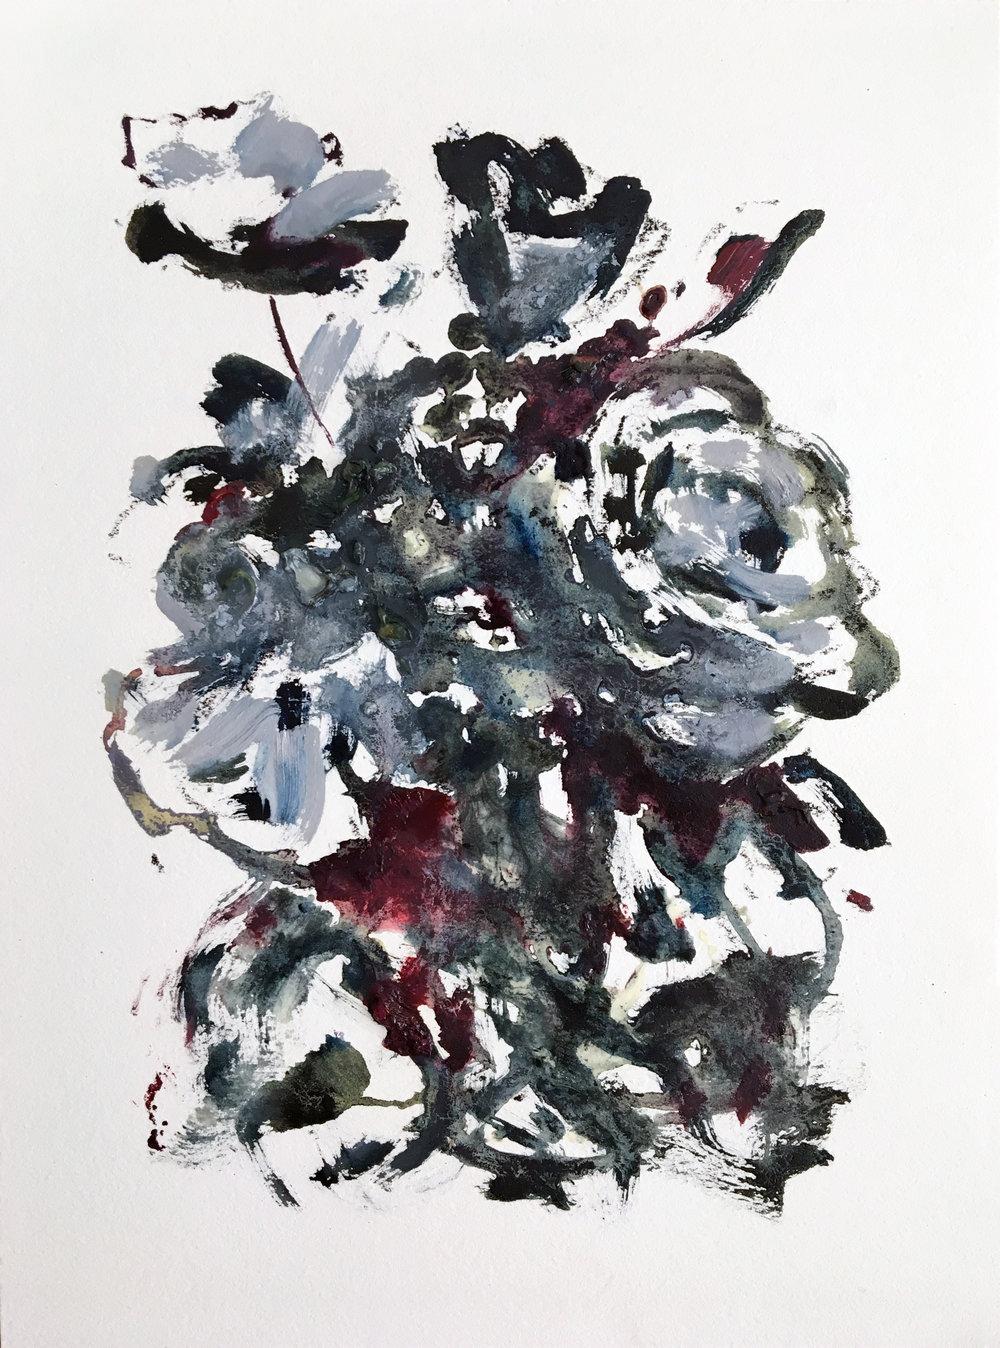 """Oil, eyeliner, and false eyelashes on paper, 12 x 9,"""" 2017."""